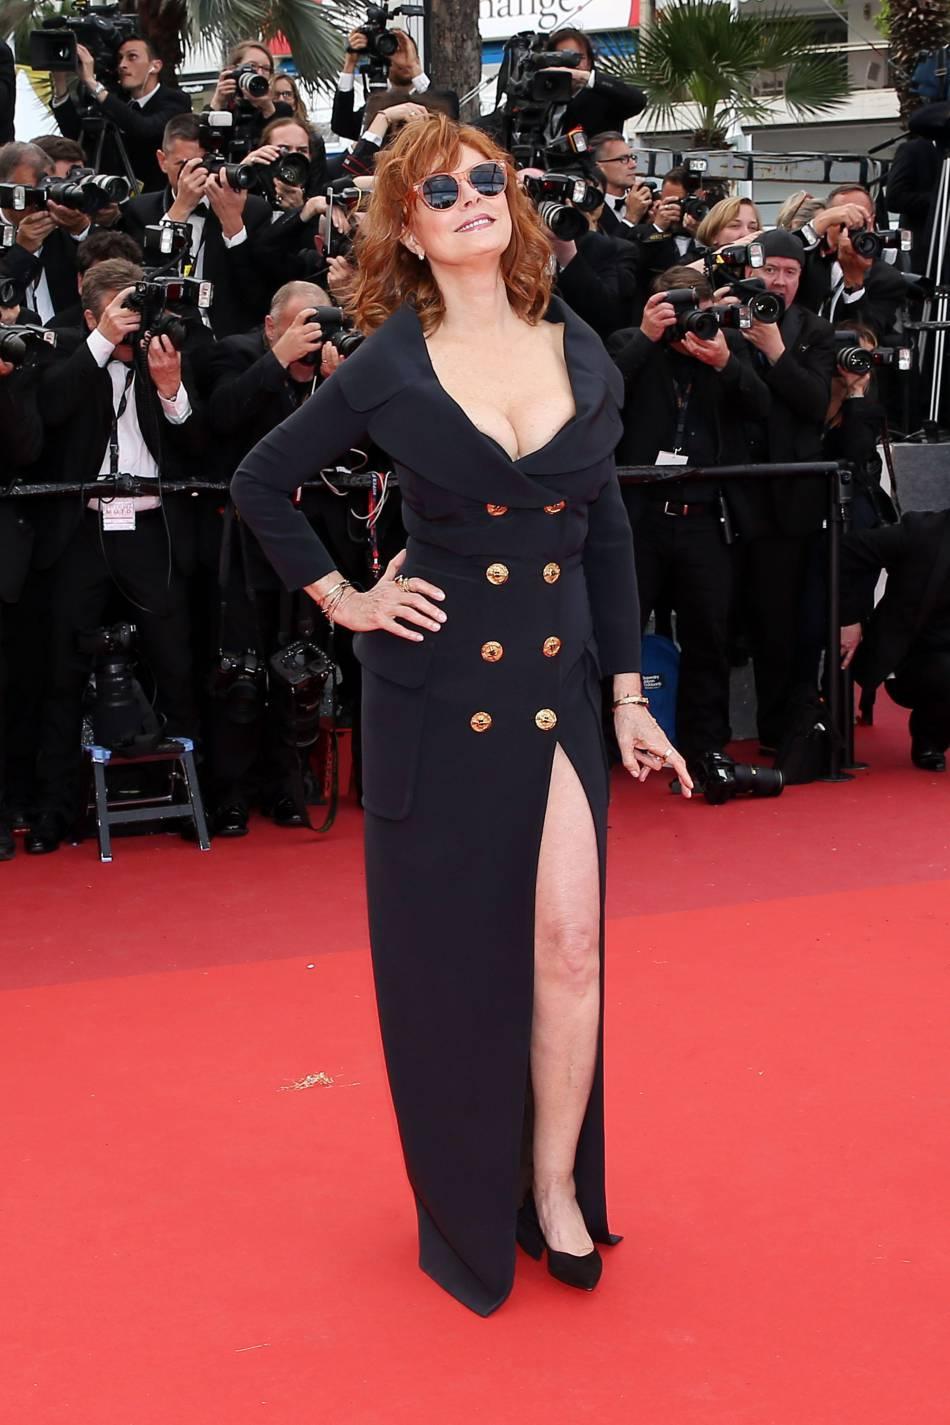 Dans sa robe Jean Paul Gaultier fendue et décolletée, Susan Sarandon enflamme la Croisette.